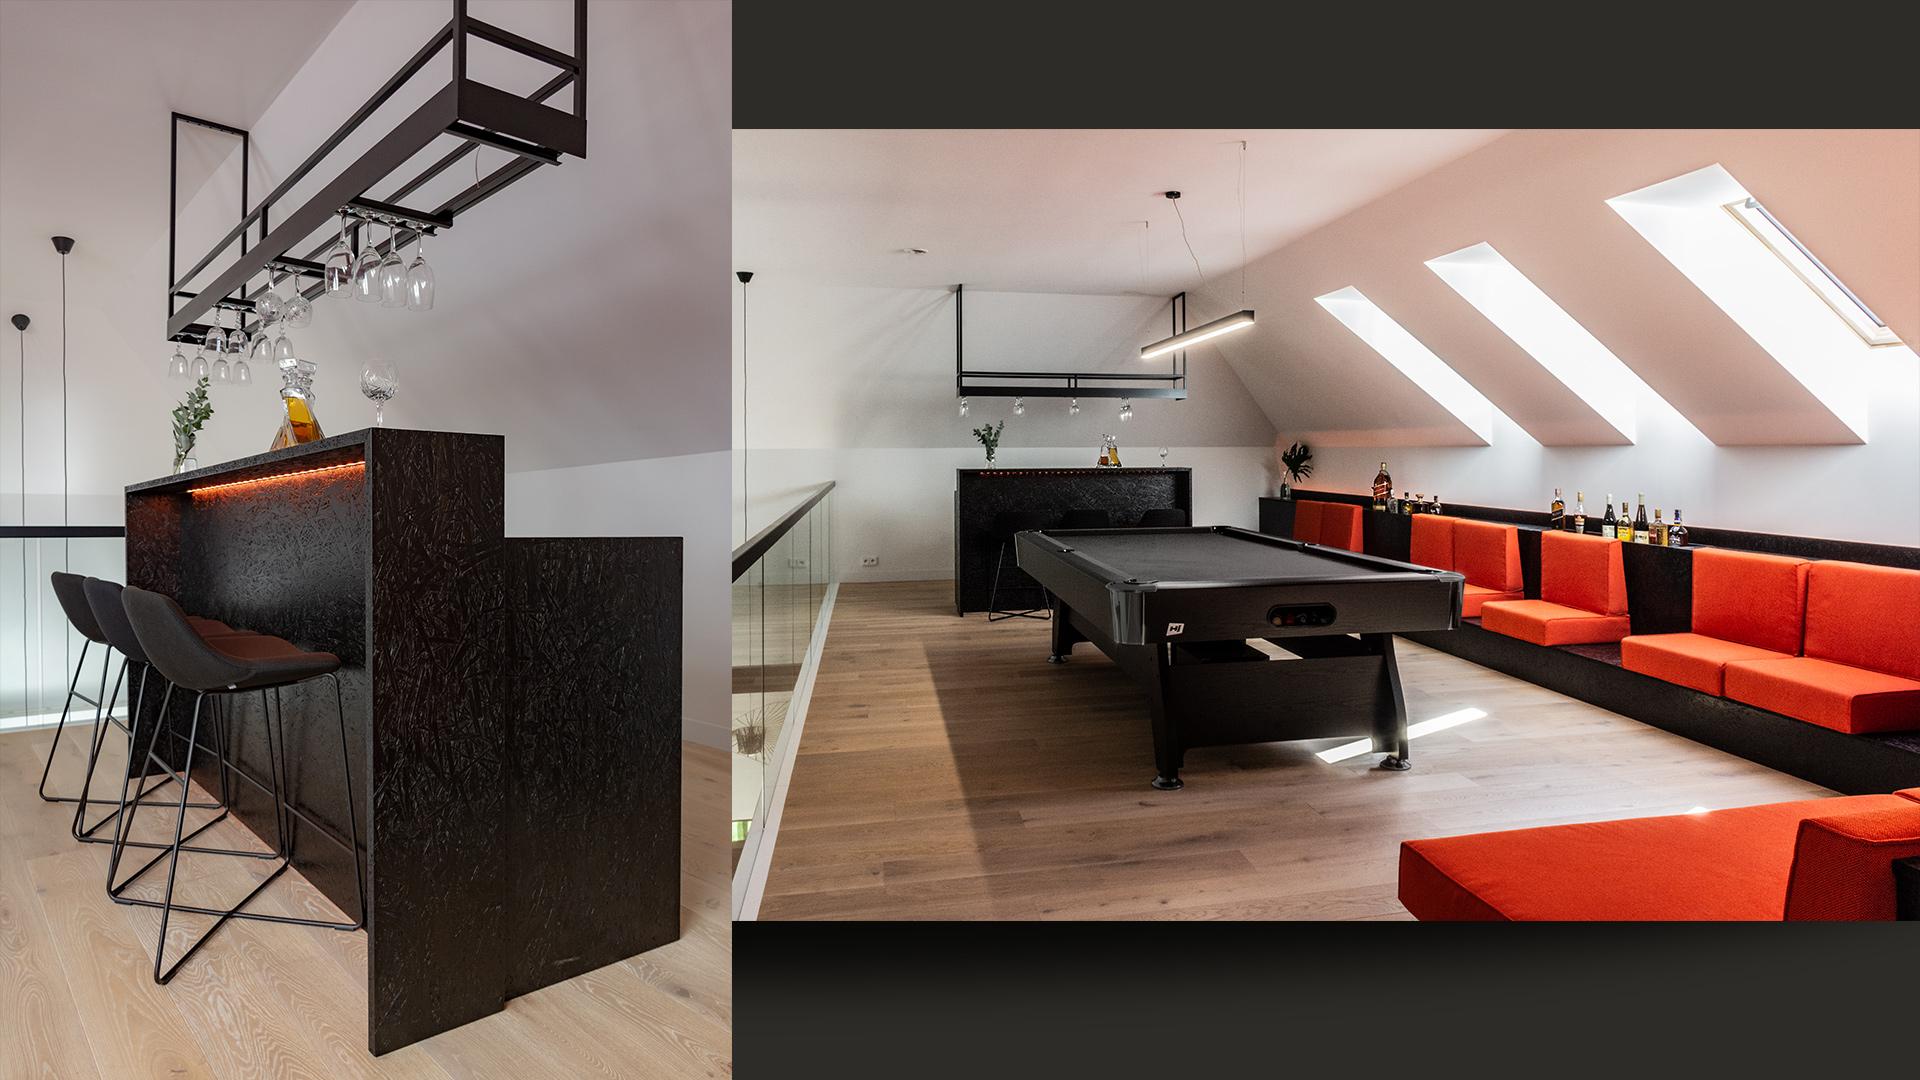 Strefa dorosłego relaksu na piętrze. Schowek na kije bilardowe ukryty w oparciu części wypoczynkowej.